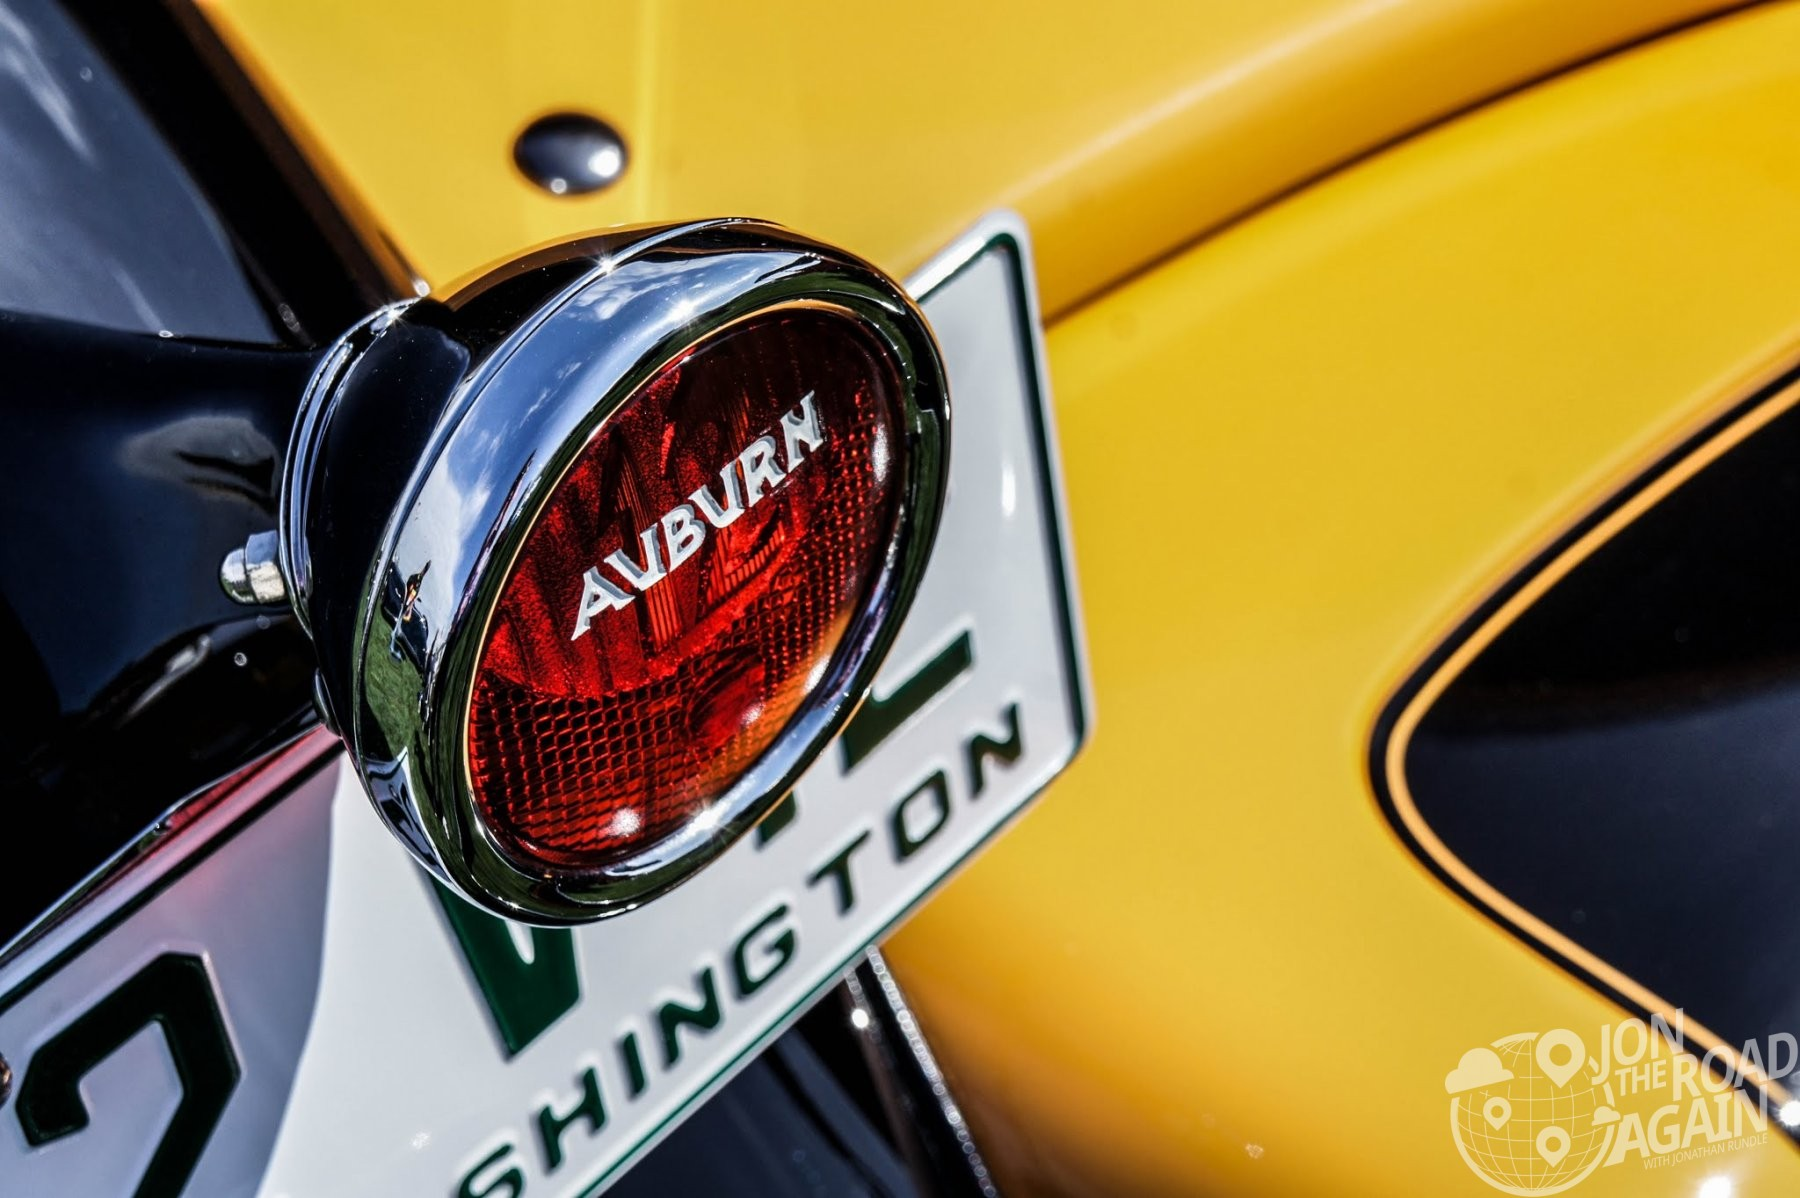 Auburn taillight